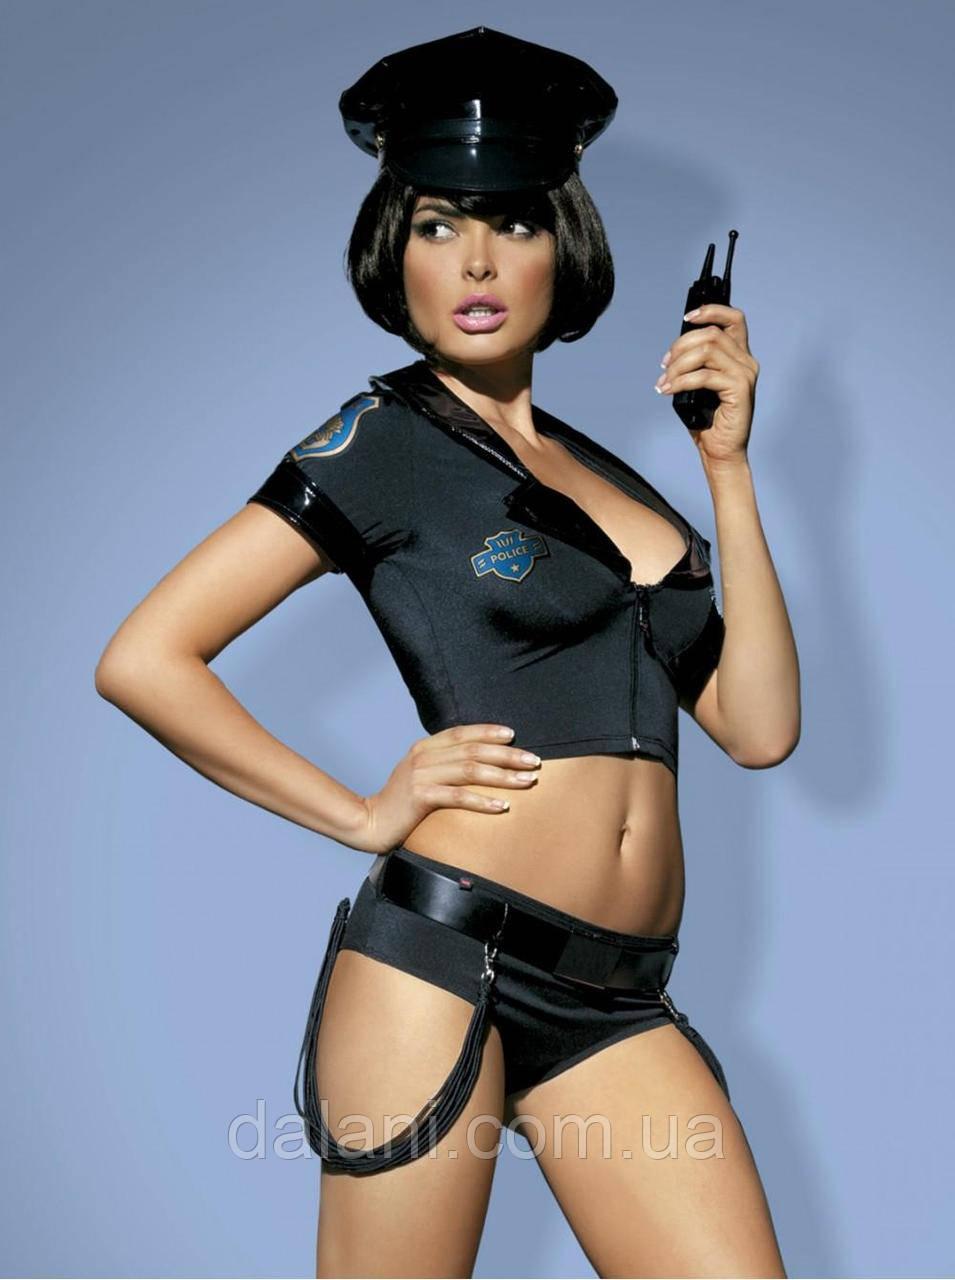 Жіночий костюм поліцейської для дорослих ігор